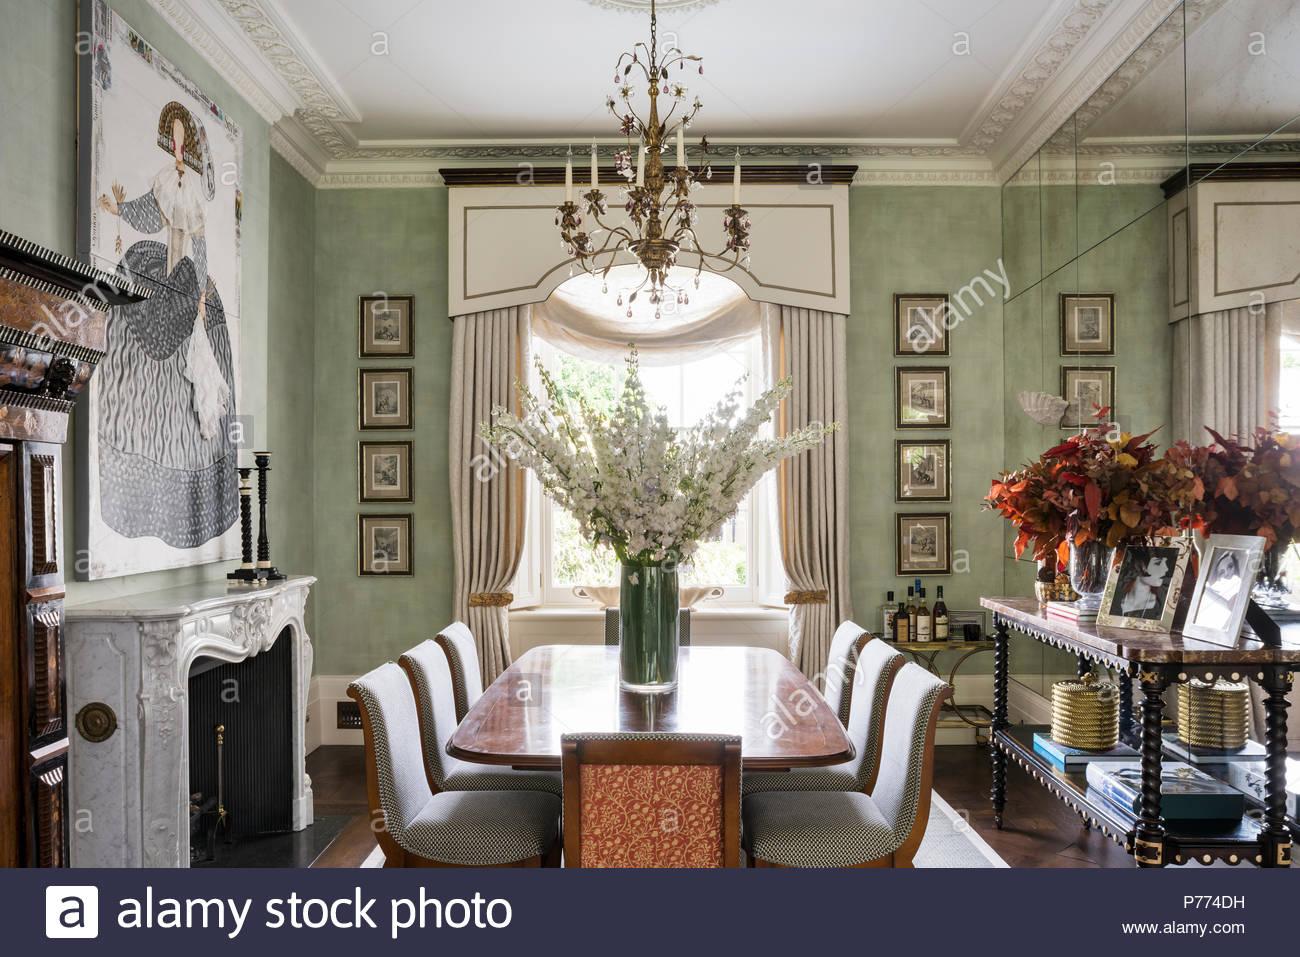 Tavoli Da Pranzo Grandi.Antico Tavolo E Sedie Con Grandi Opere D Arte Nella Sala Da Pranzo